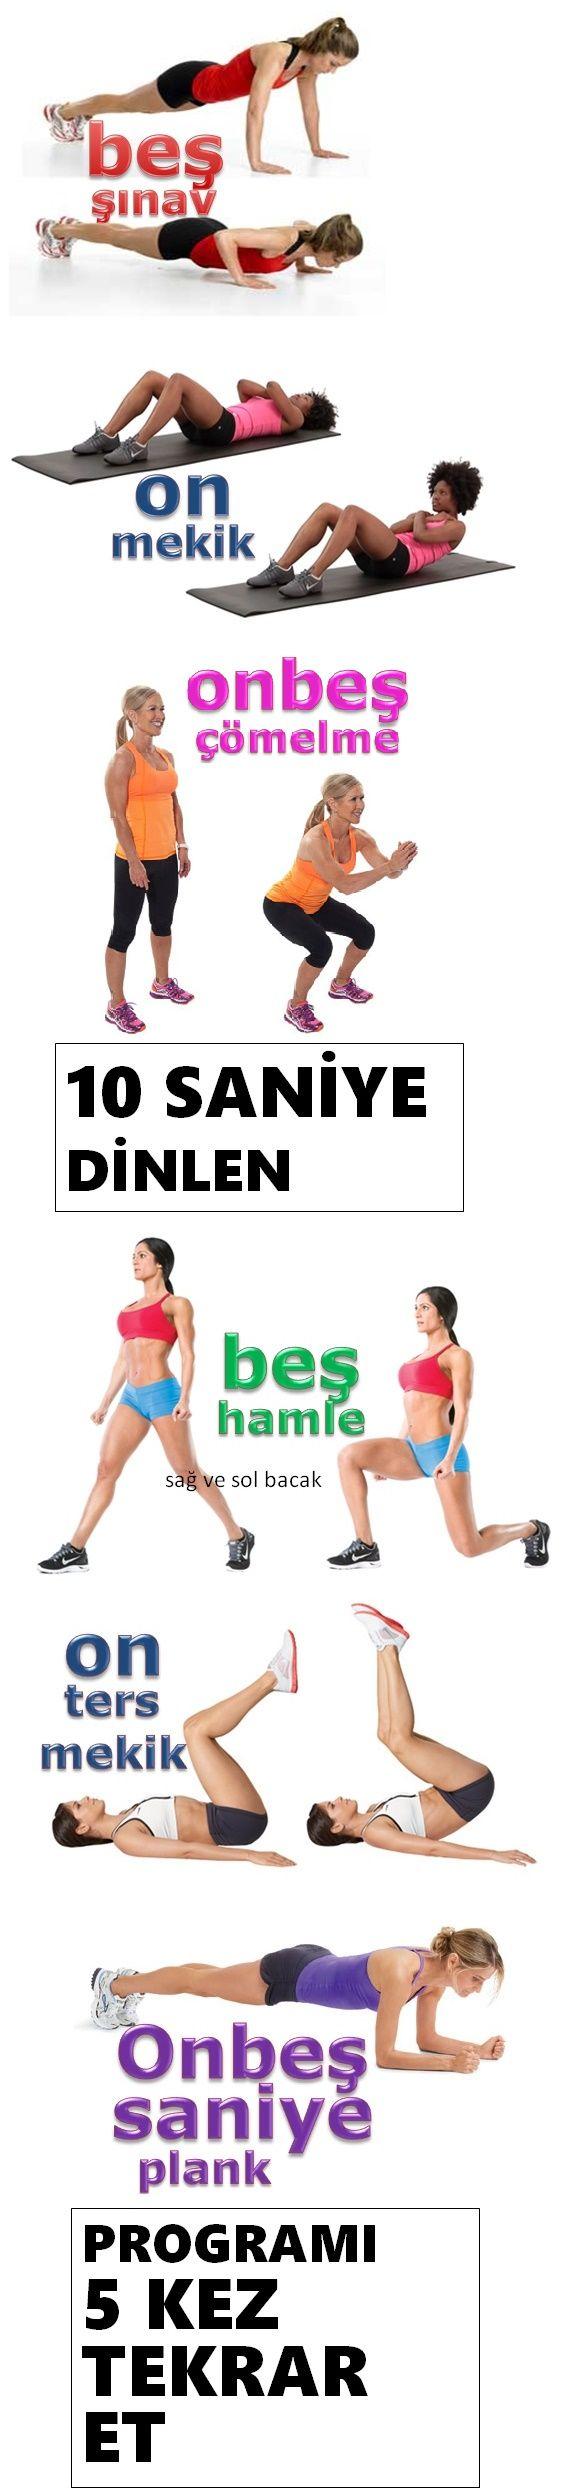 Günde sadece 10 dakikanızı ayırarak fit kalmak mümkün. Üstelik spor salonuna gitmeden ve hiçbir spor malzemesine ihtiyaç duymadan. Beş-on-onbeş egzersizini yapın yeter. Vücudun tüm kaslarının harekete geçtiği 10 dakikalık egzersiz ile istediğiniz fit görünüme sahip olabilir ve egzersizi günlük yaşamınızın parçası yaparak bu formunuzu koruyabilirsiniz.